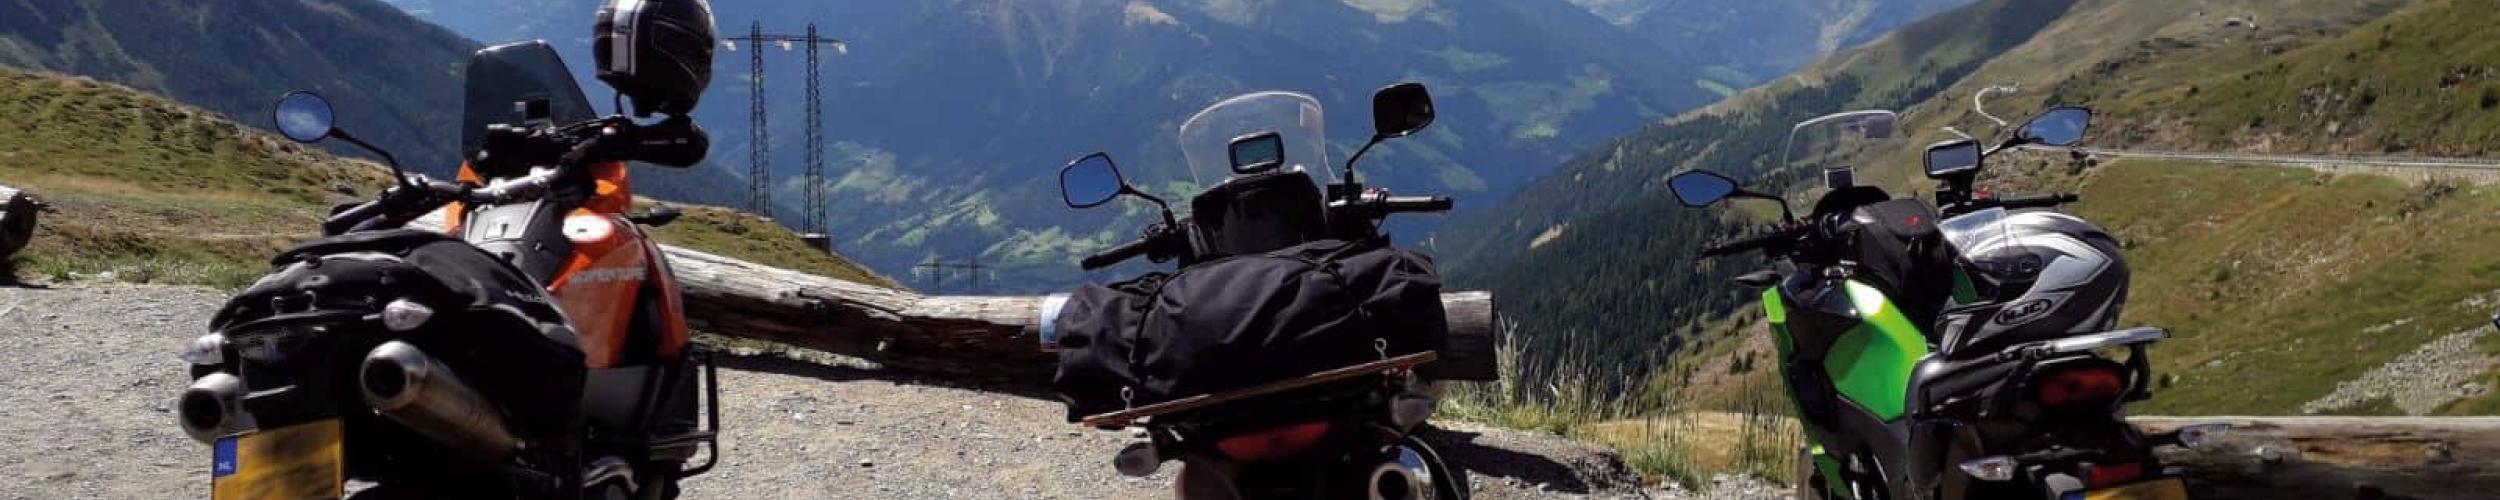 Groepsreis Oostenrijk: Drie Alpen Tour vanuit Fliess